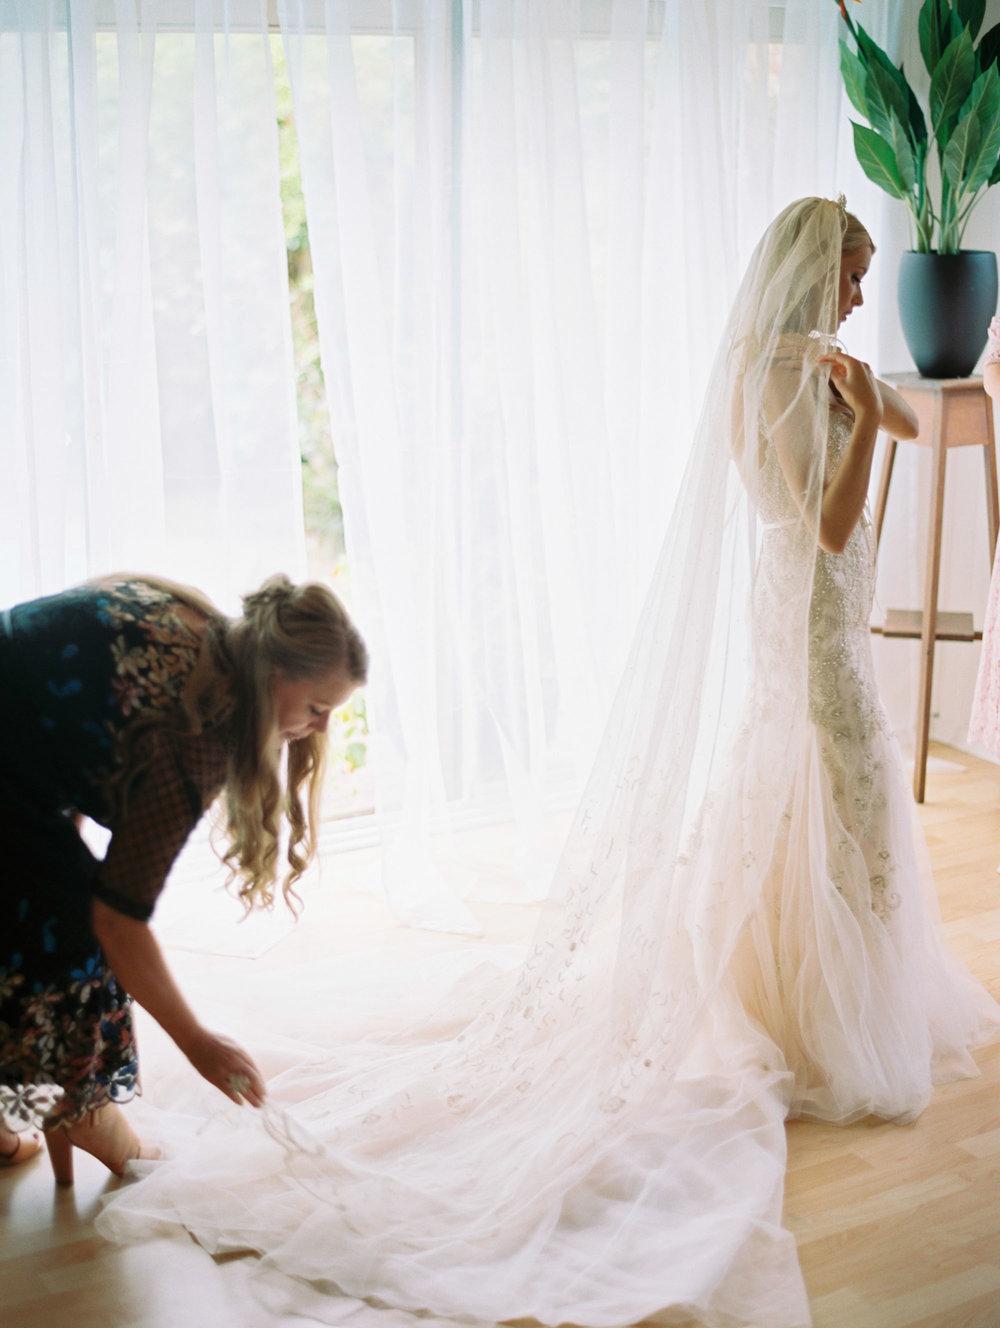 Whitehouse-hahndorf-wedding-photography-035.jpg